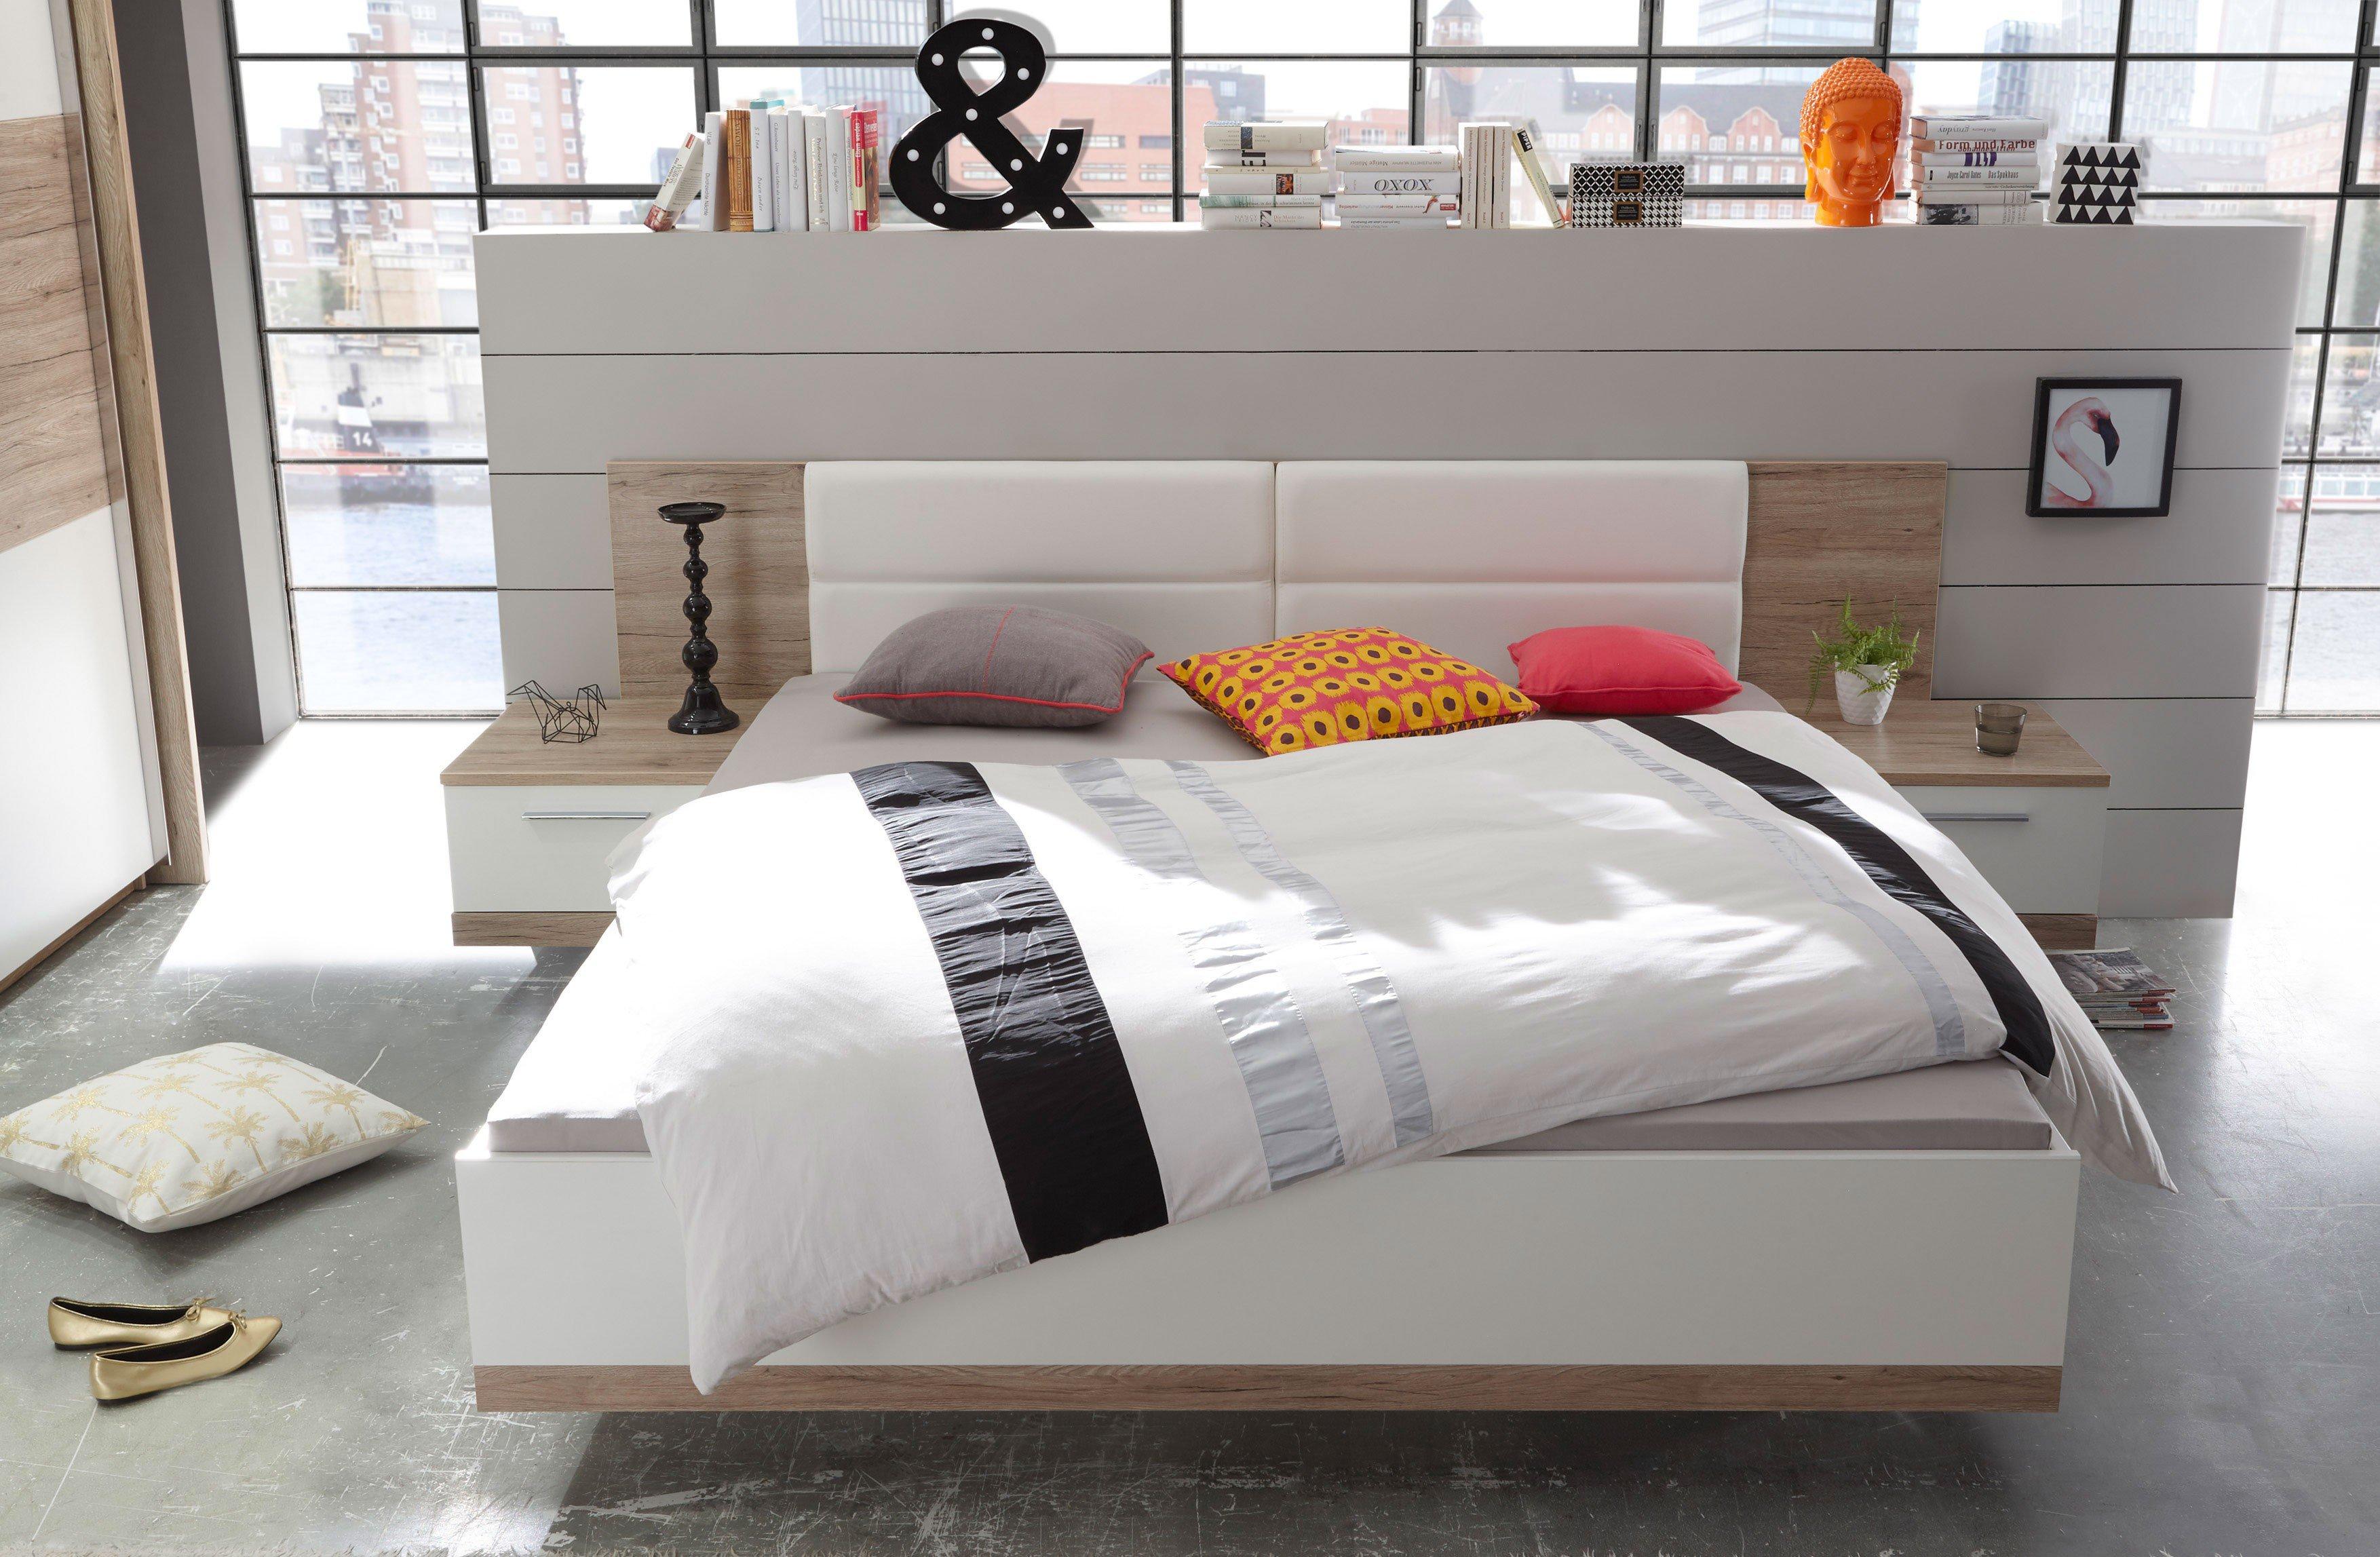 Faszinierend Bettanlage Dekoration Von Manhattan Von Schlafkontor - Eiche - Weiß